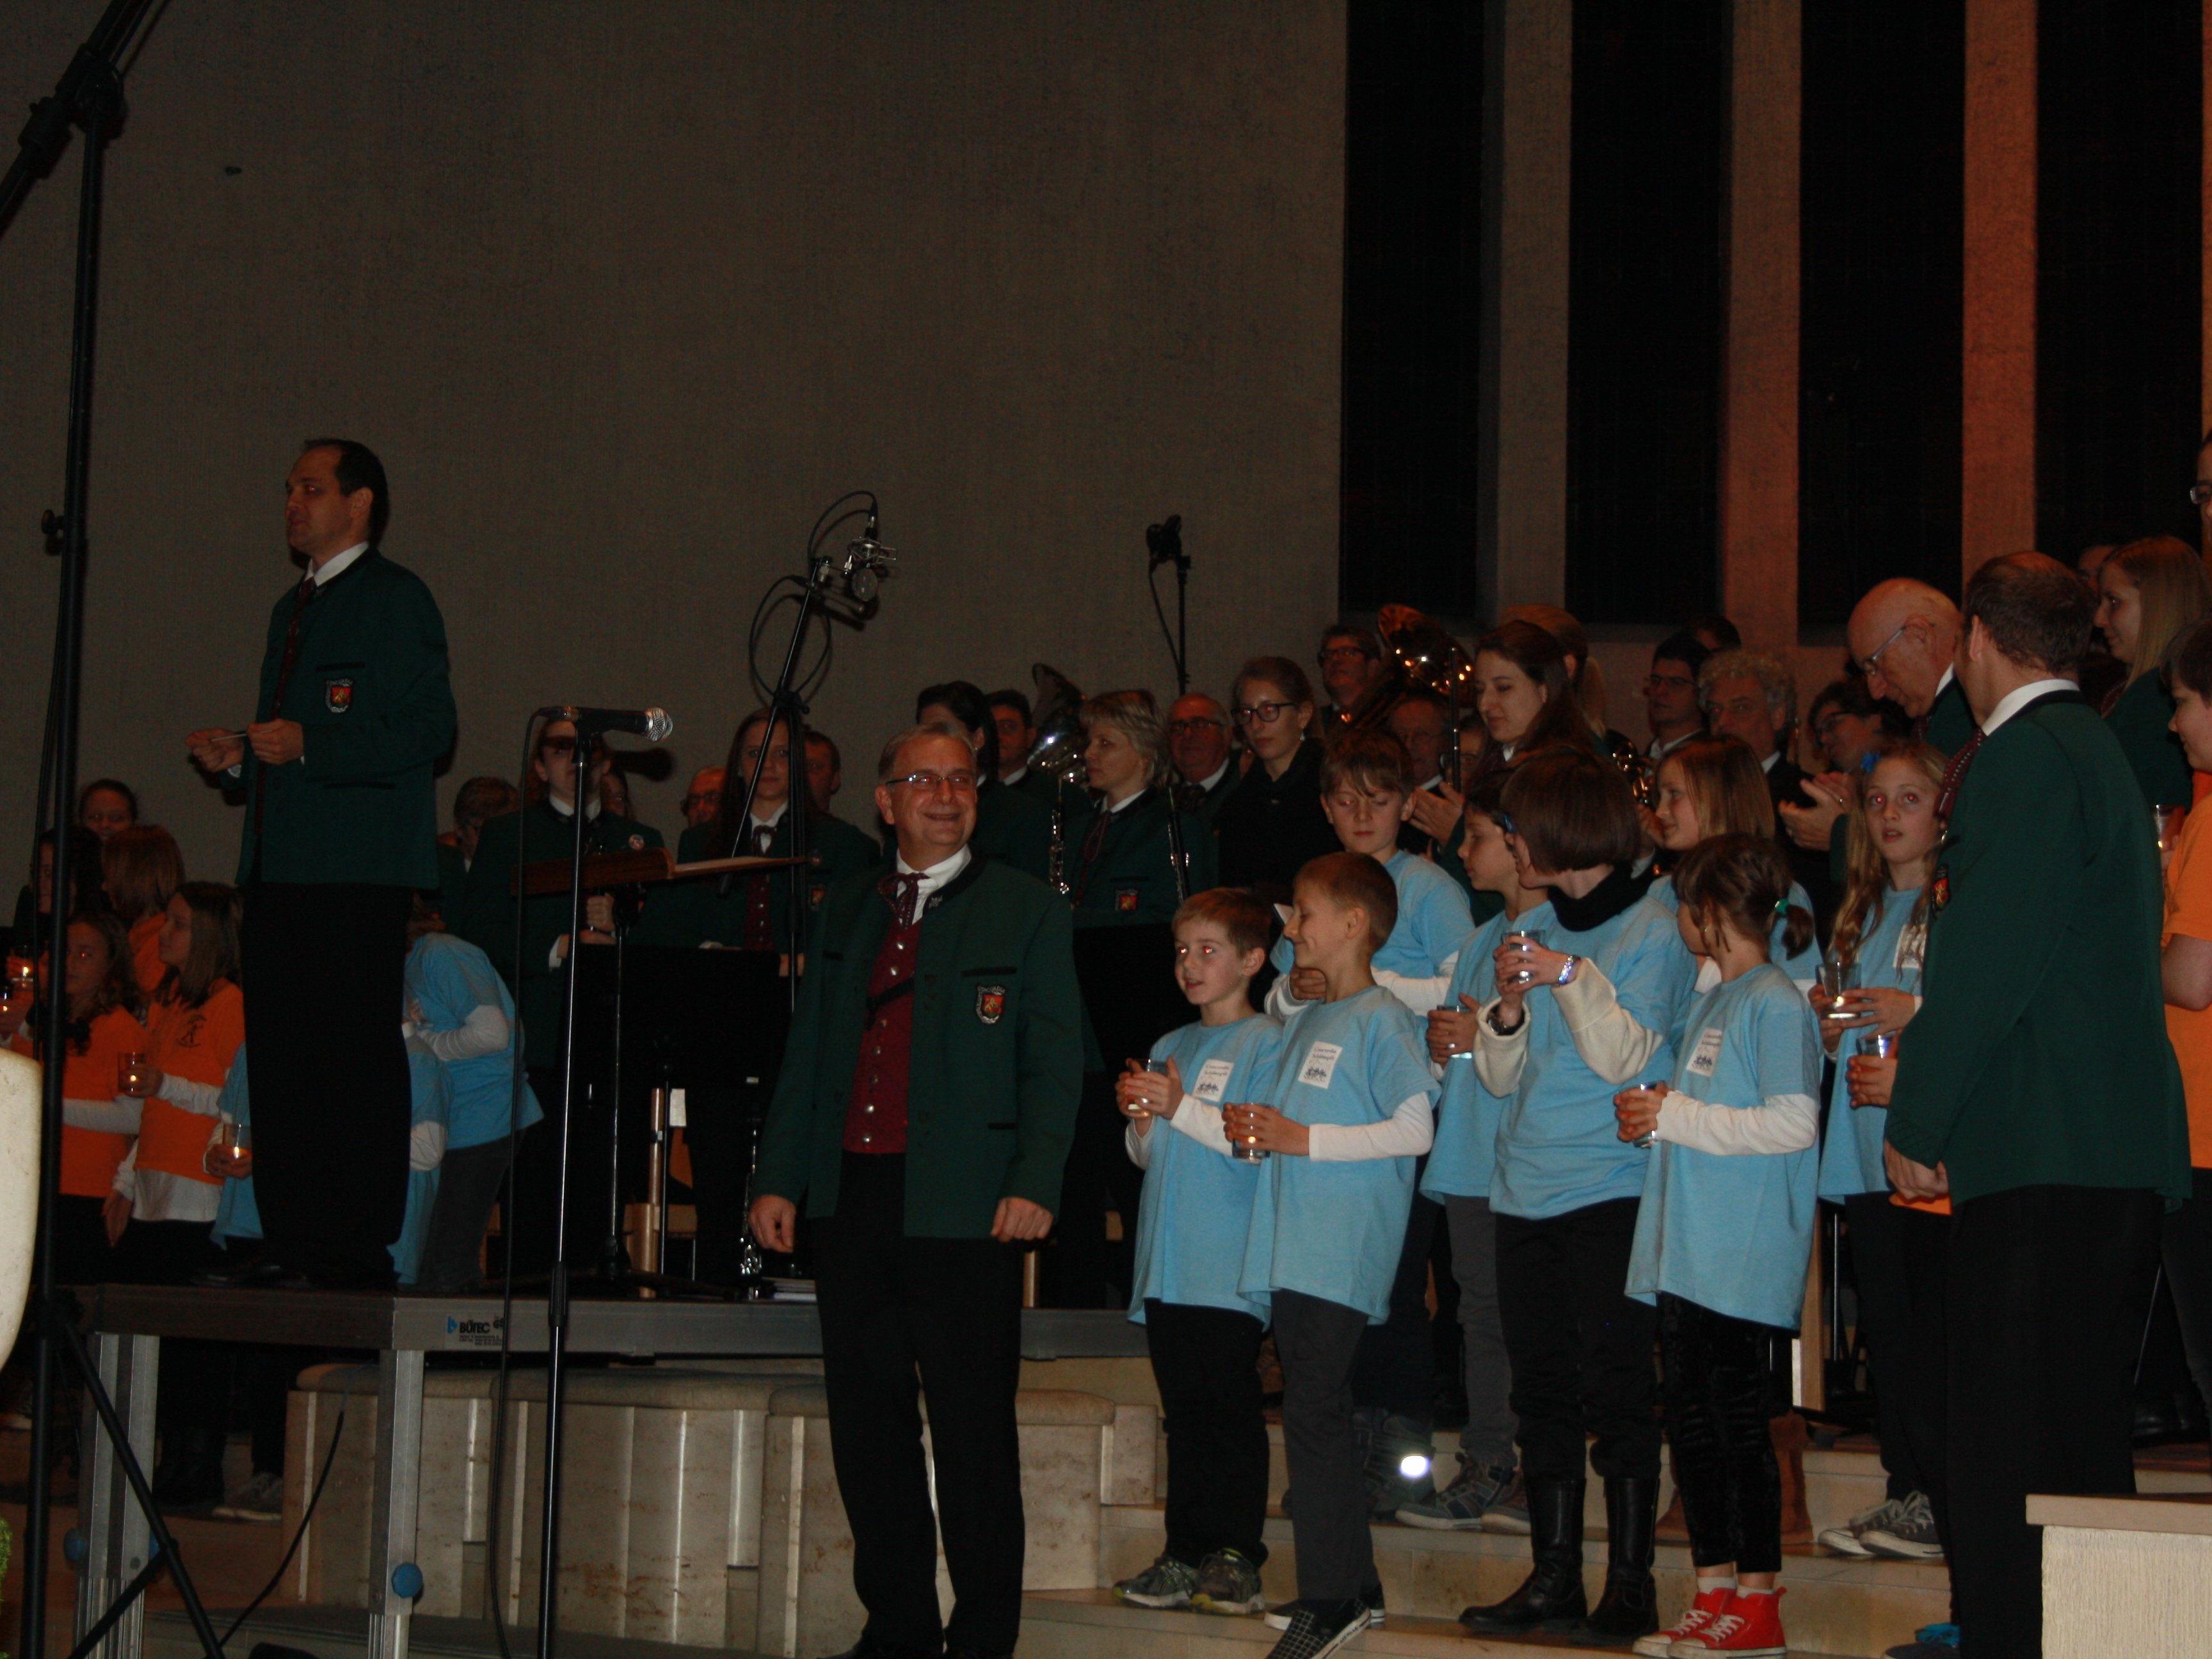 Das Adventskonzert des MV Concordia lockte zahlreiche Besucher in die Erlöserkirche.